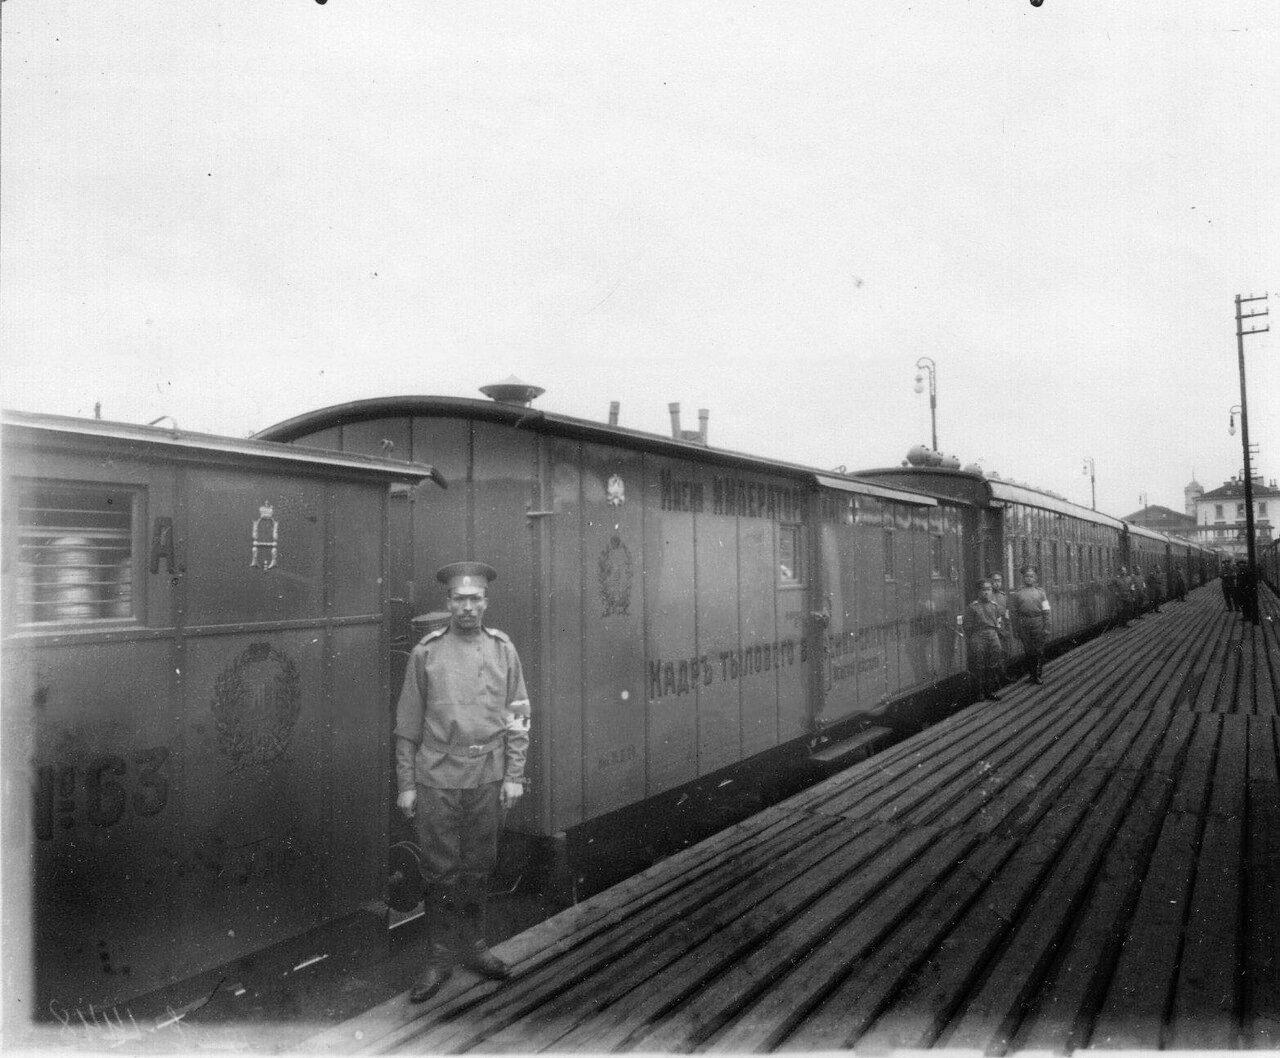 02. Внешний вид поезда